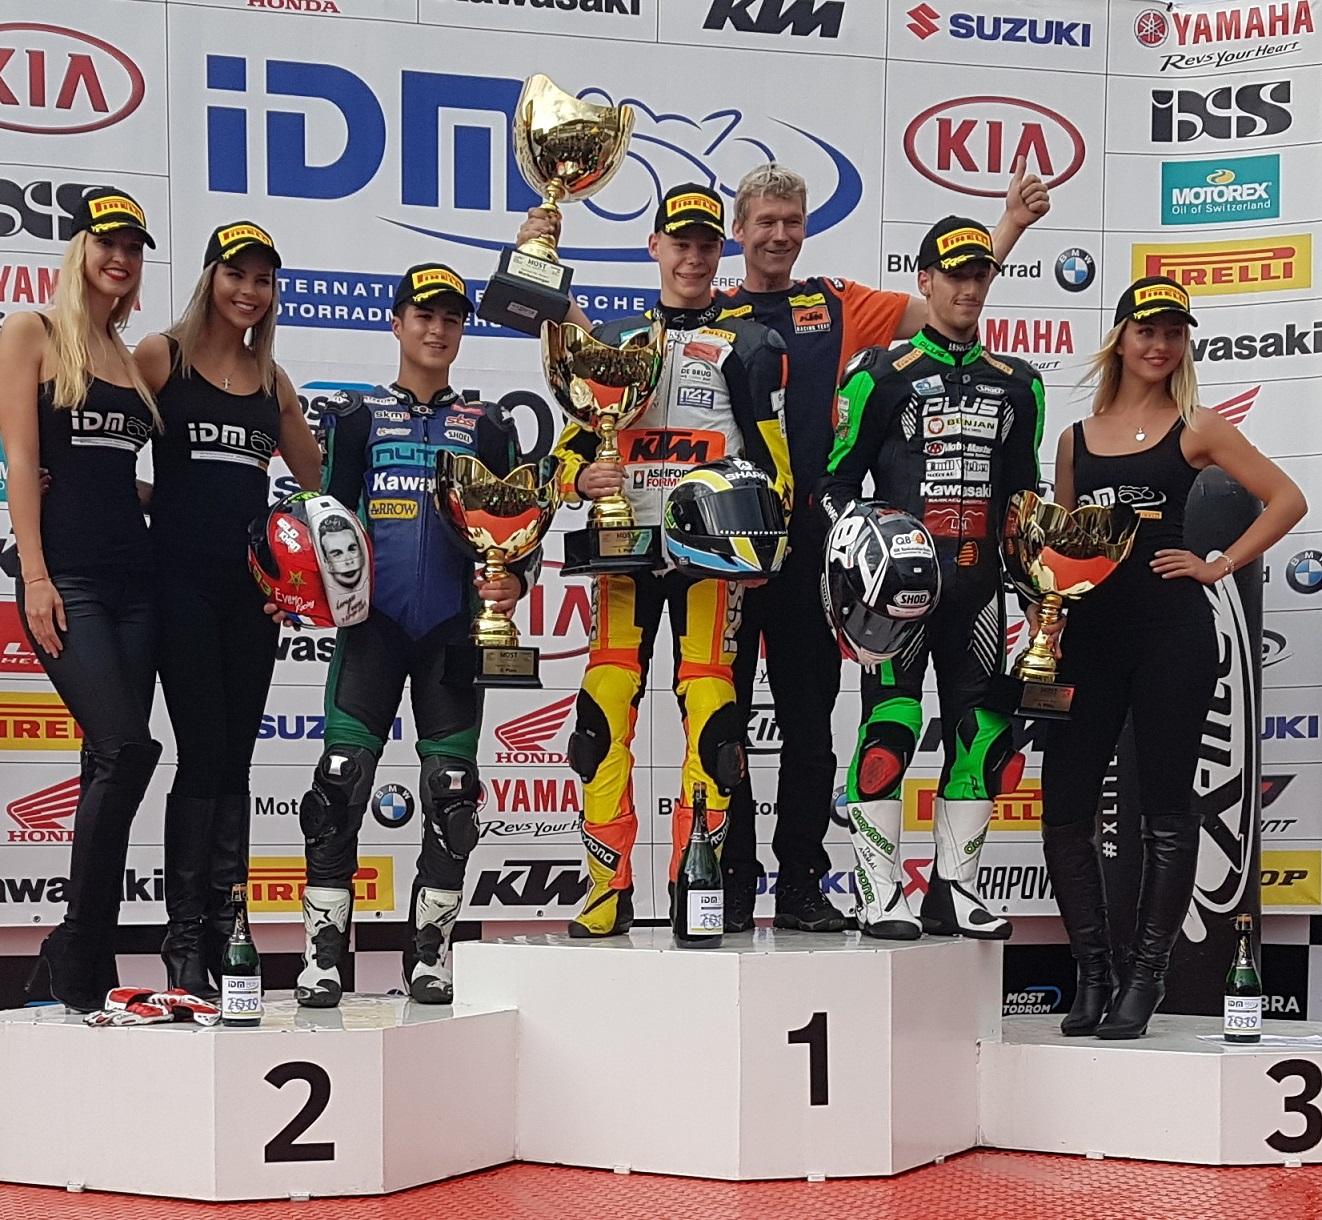 IDM Supersport 300: Victor Steeman lässt seine Verfolger im ersten Rennen abblitzen